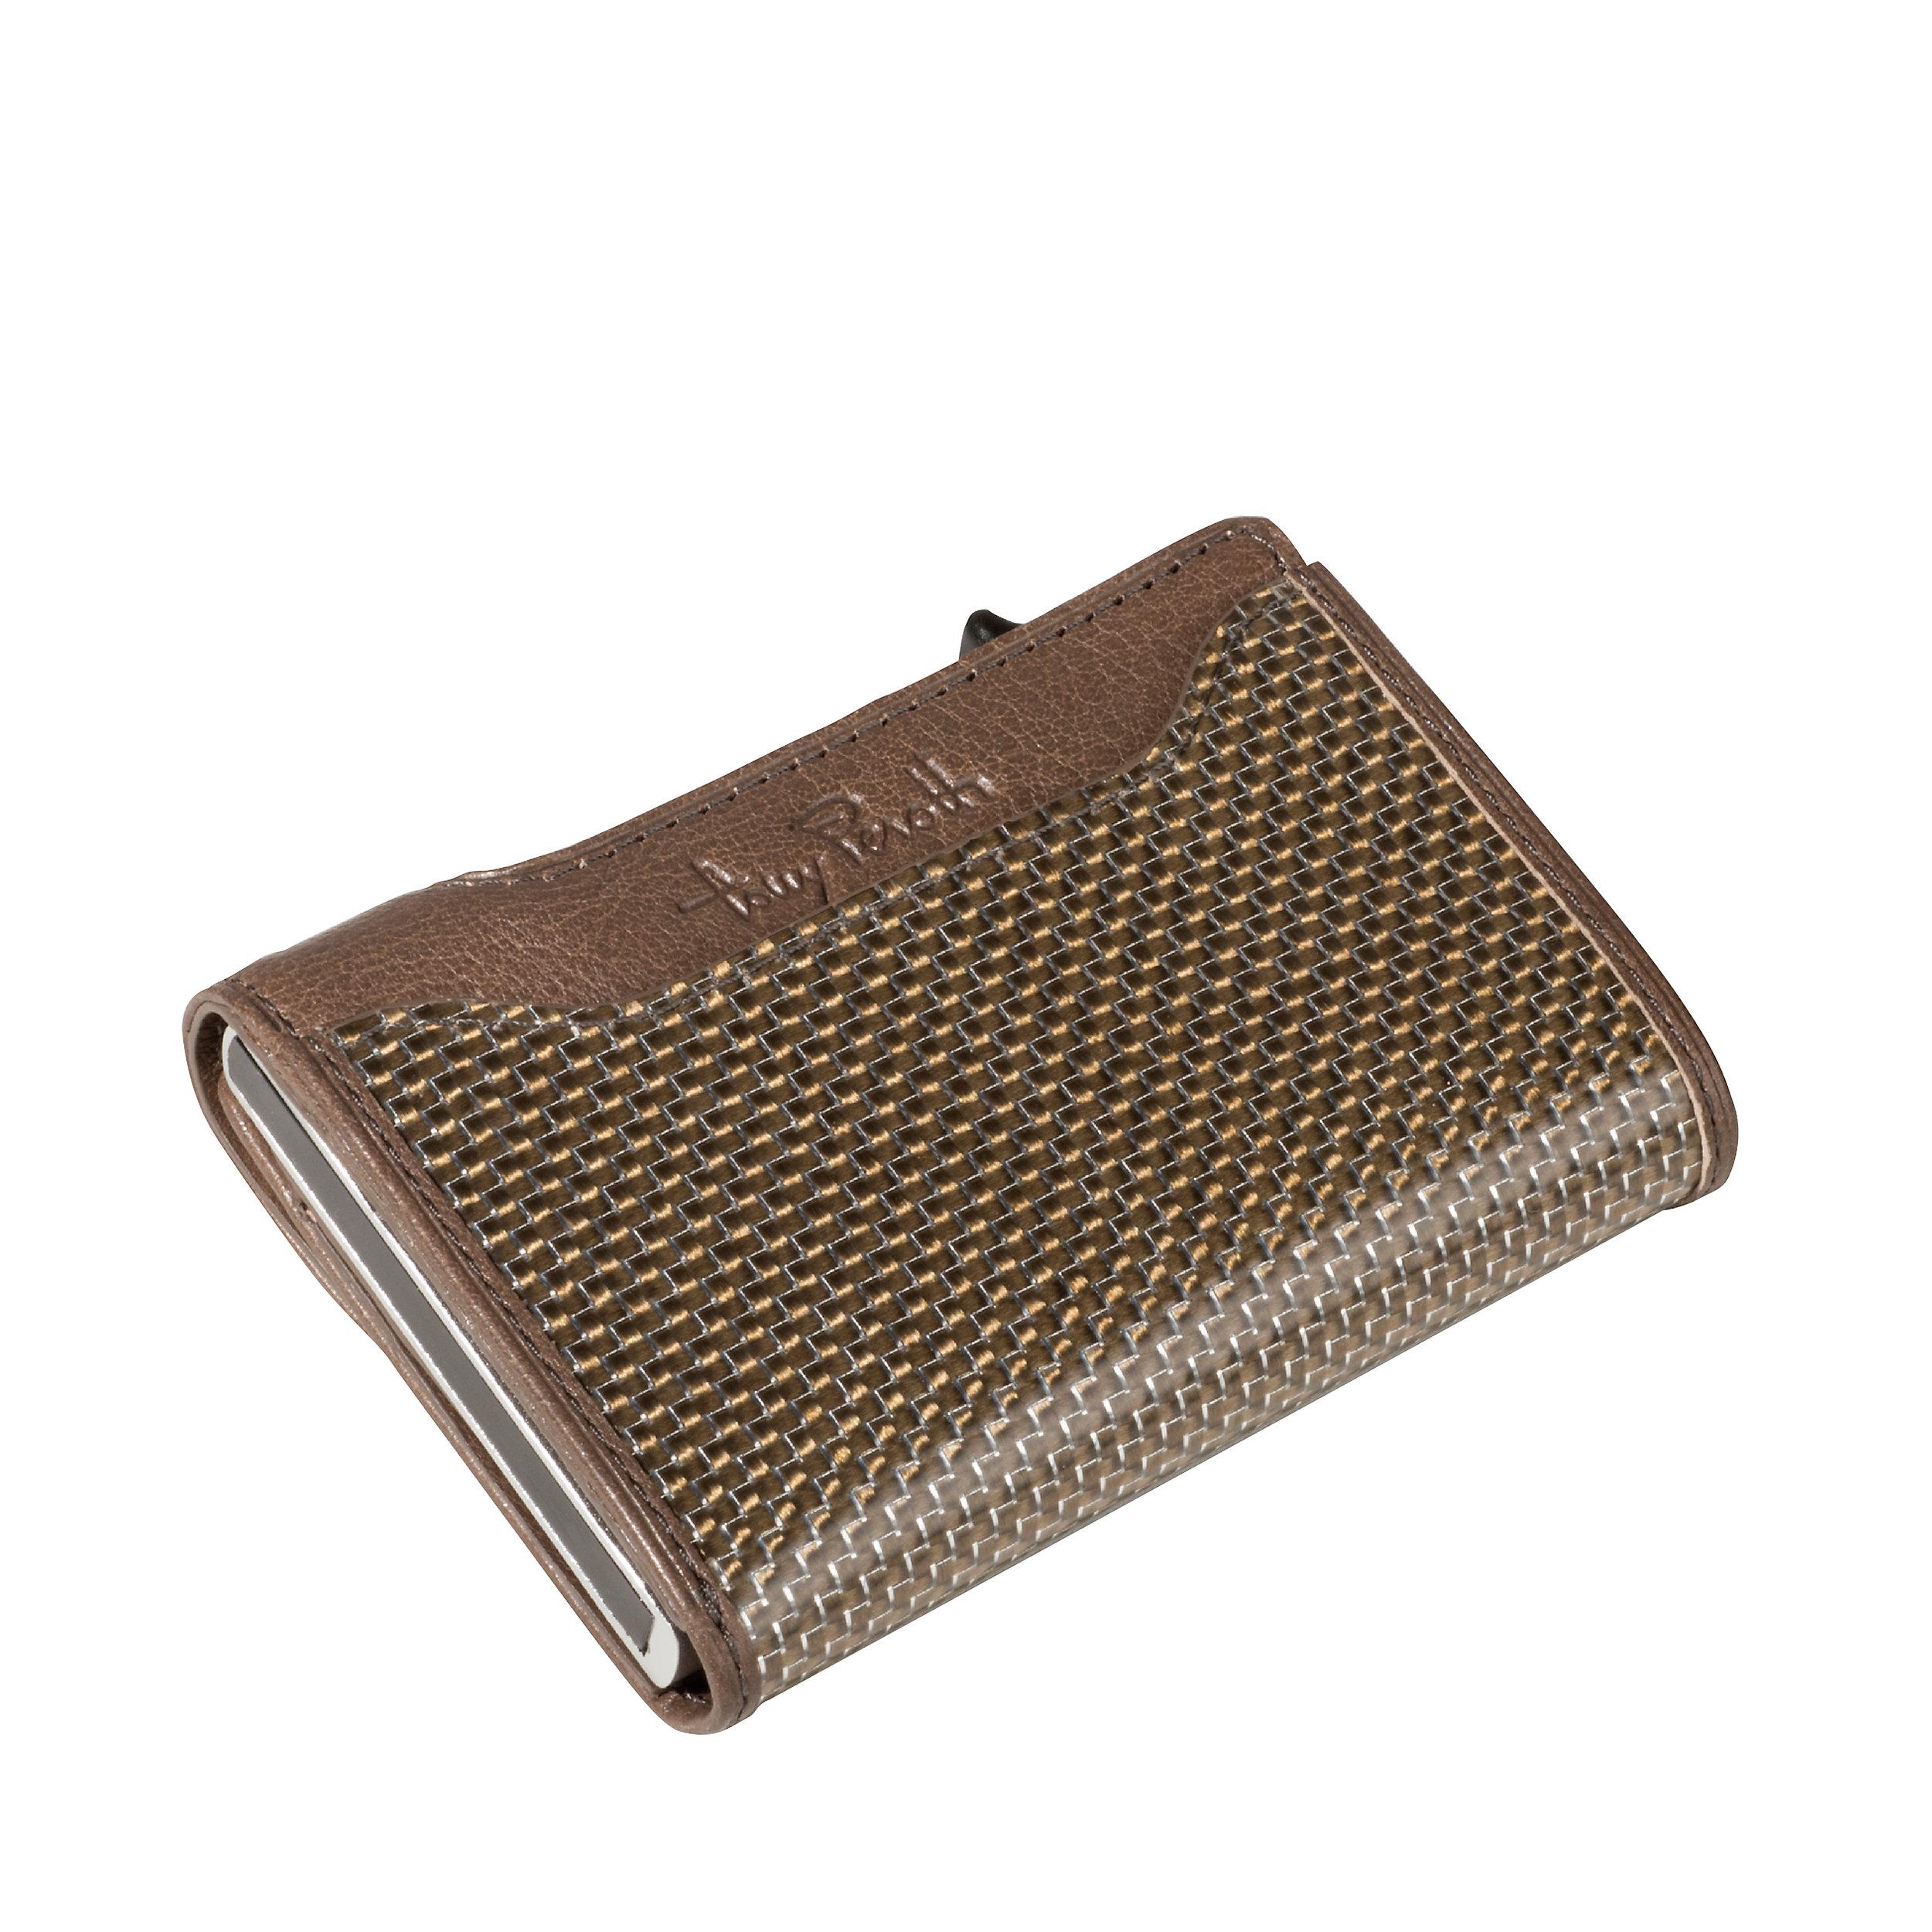 Kreditkartenetui Furbo 8KK RFID Titanium